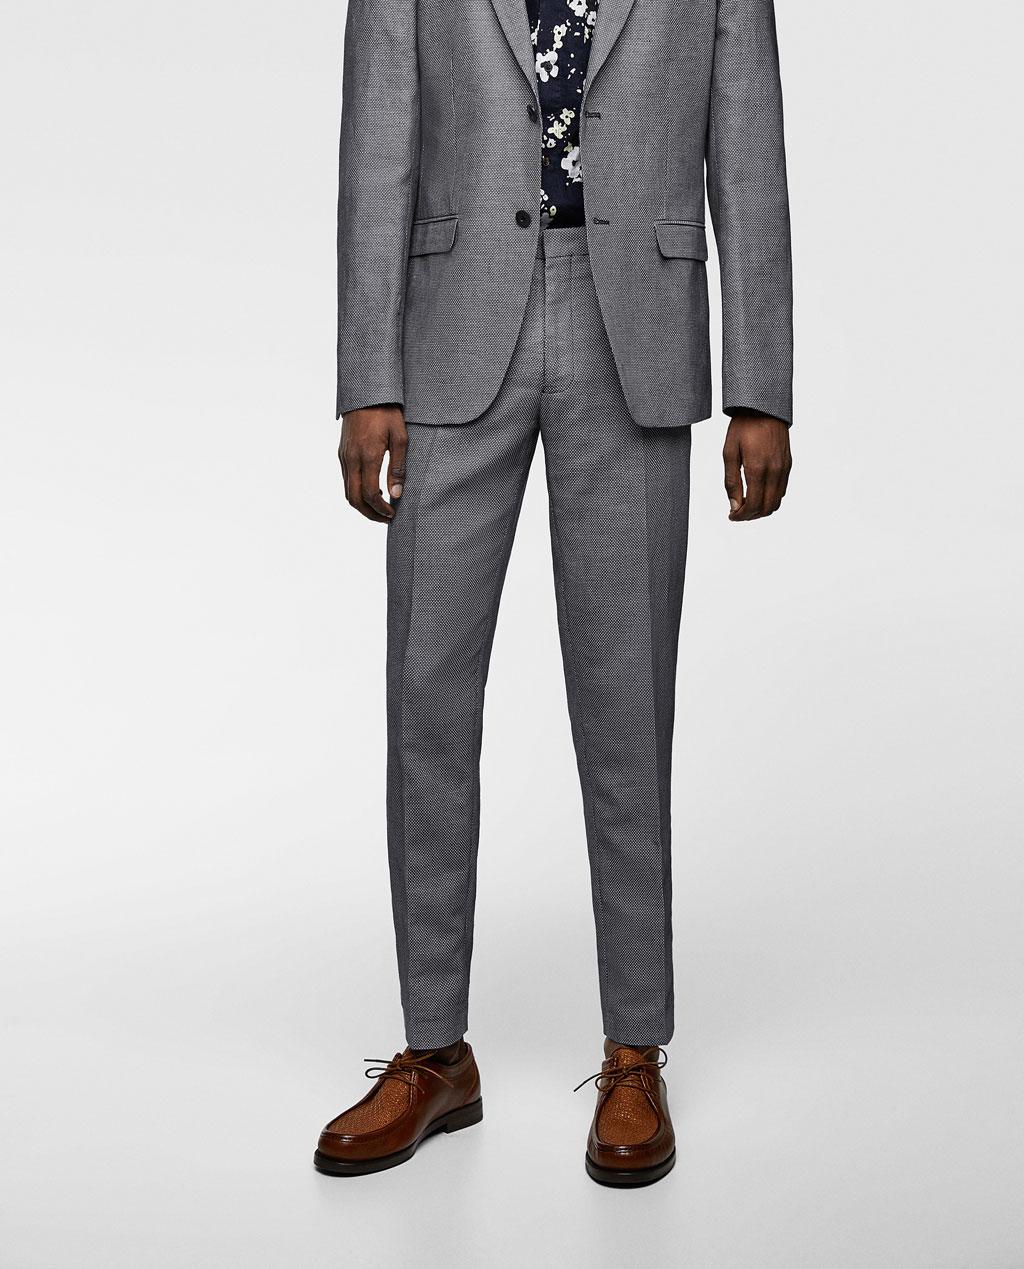 Thời trang nam Zara  23952 - ảnh 10